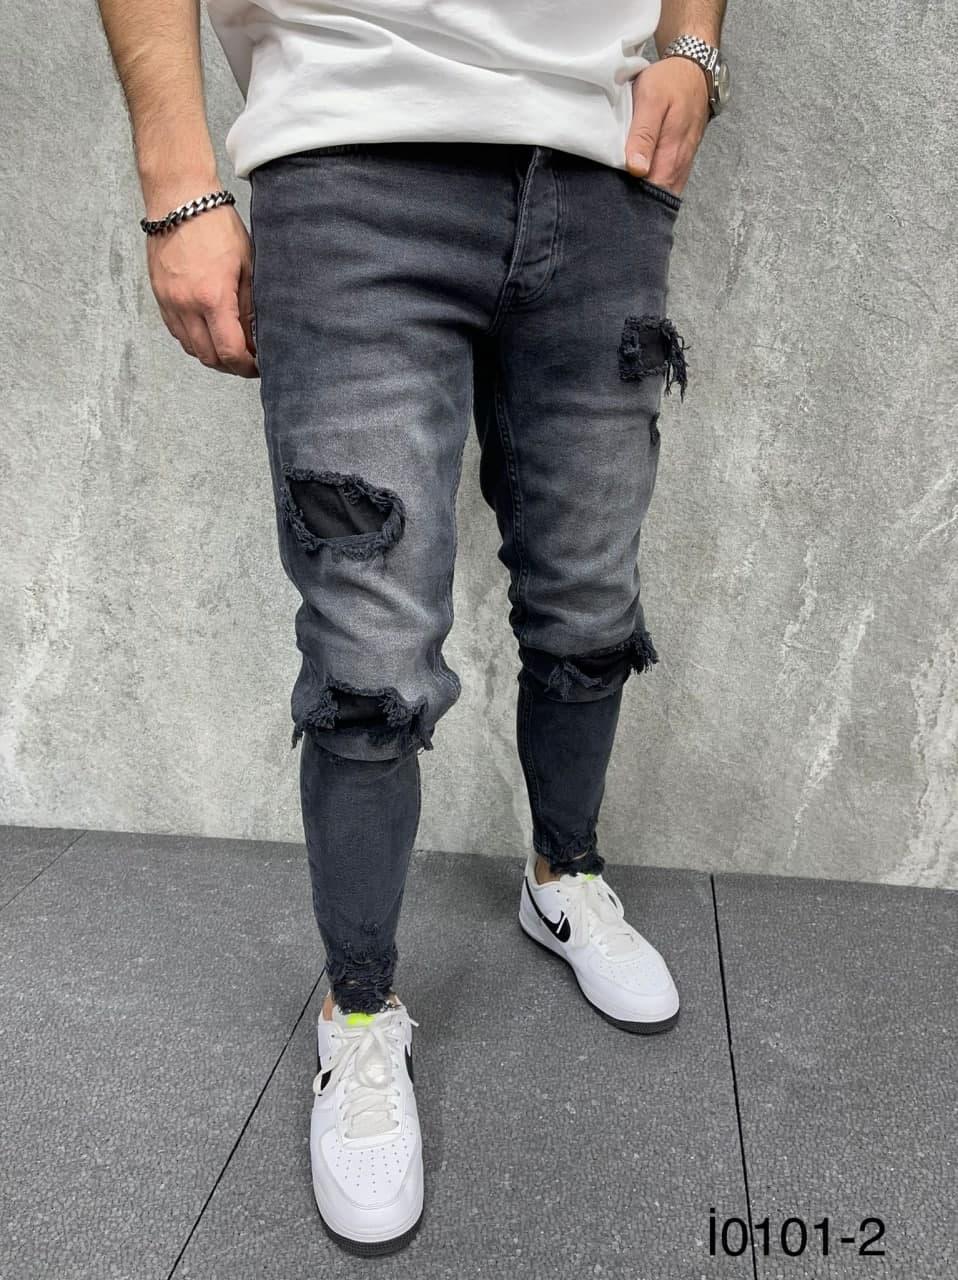 Мужские зауженные джинсы (черные) рваные молодежные штаны si0101-2